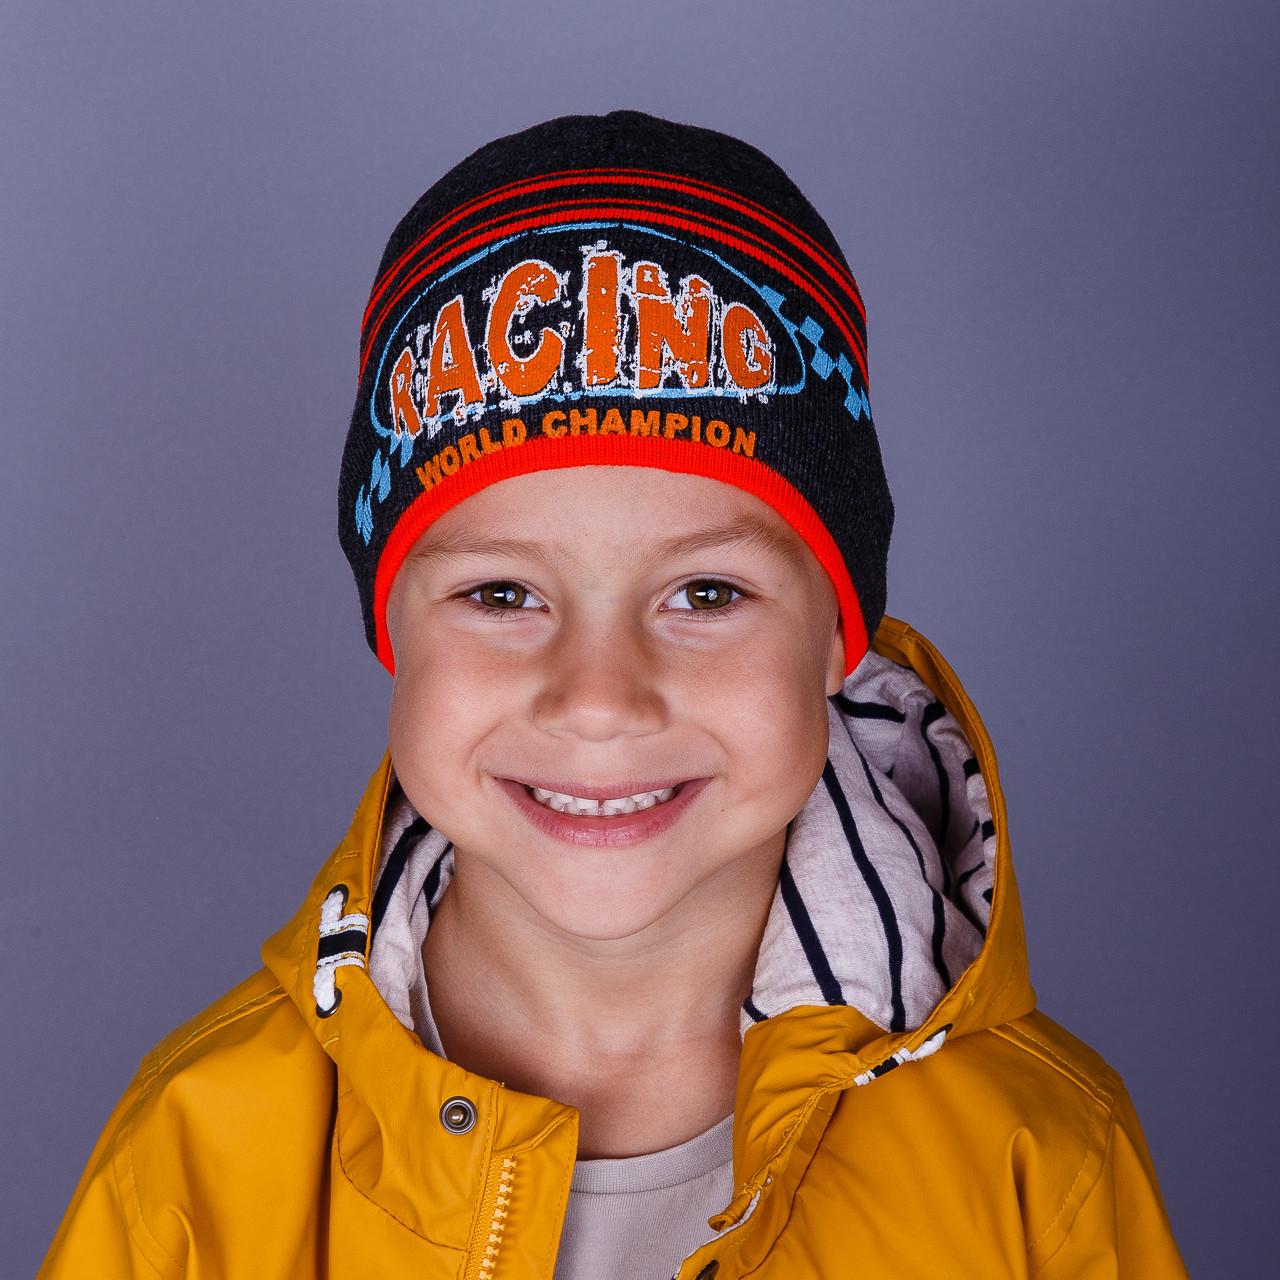 Вязаная шапка на мальчика оптом весна-осень 2018 - Racing - Артикул 1504